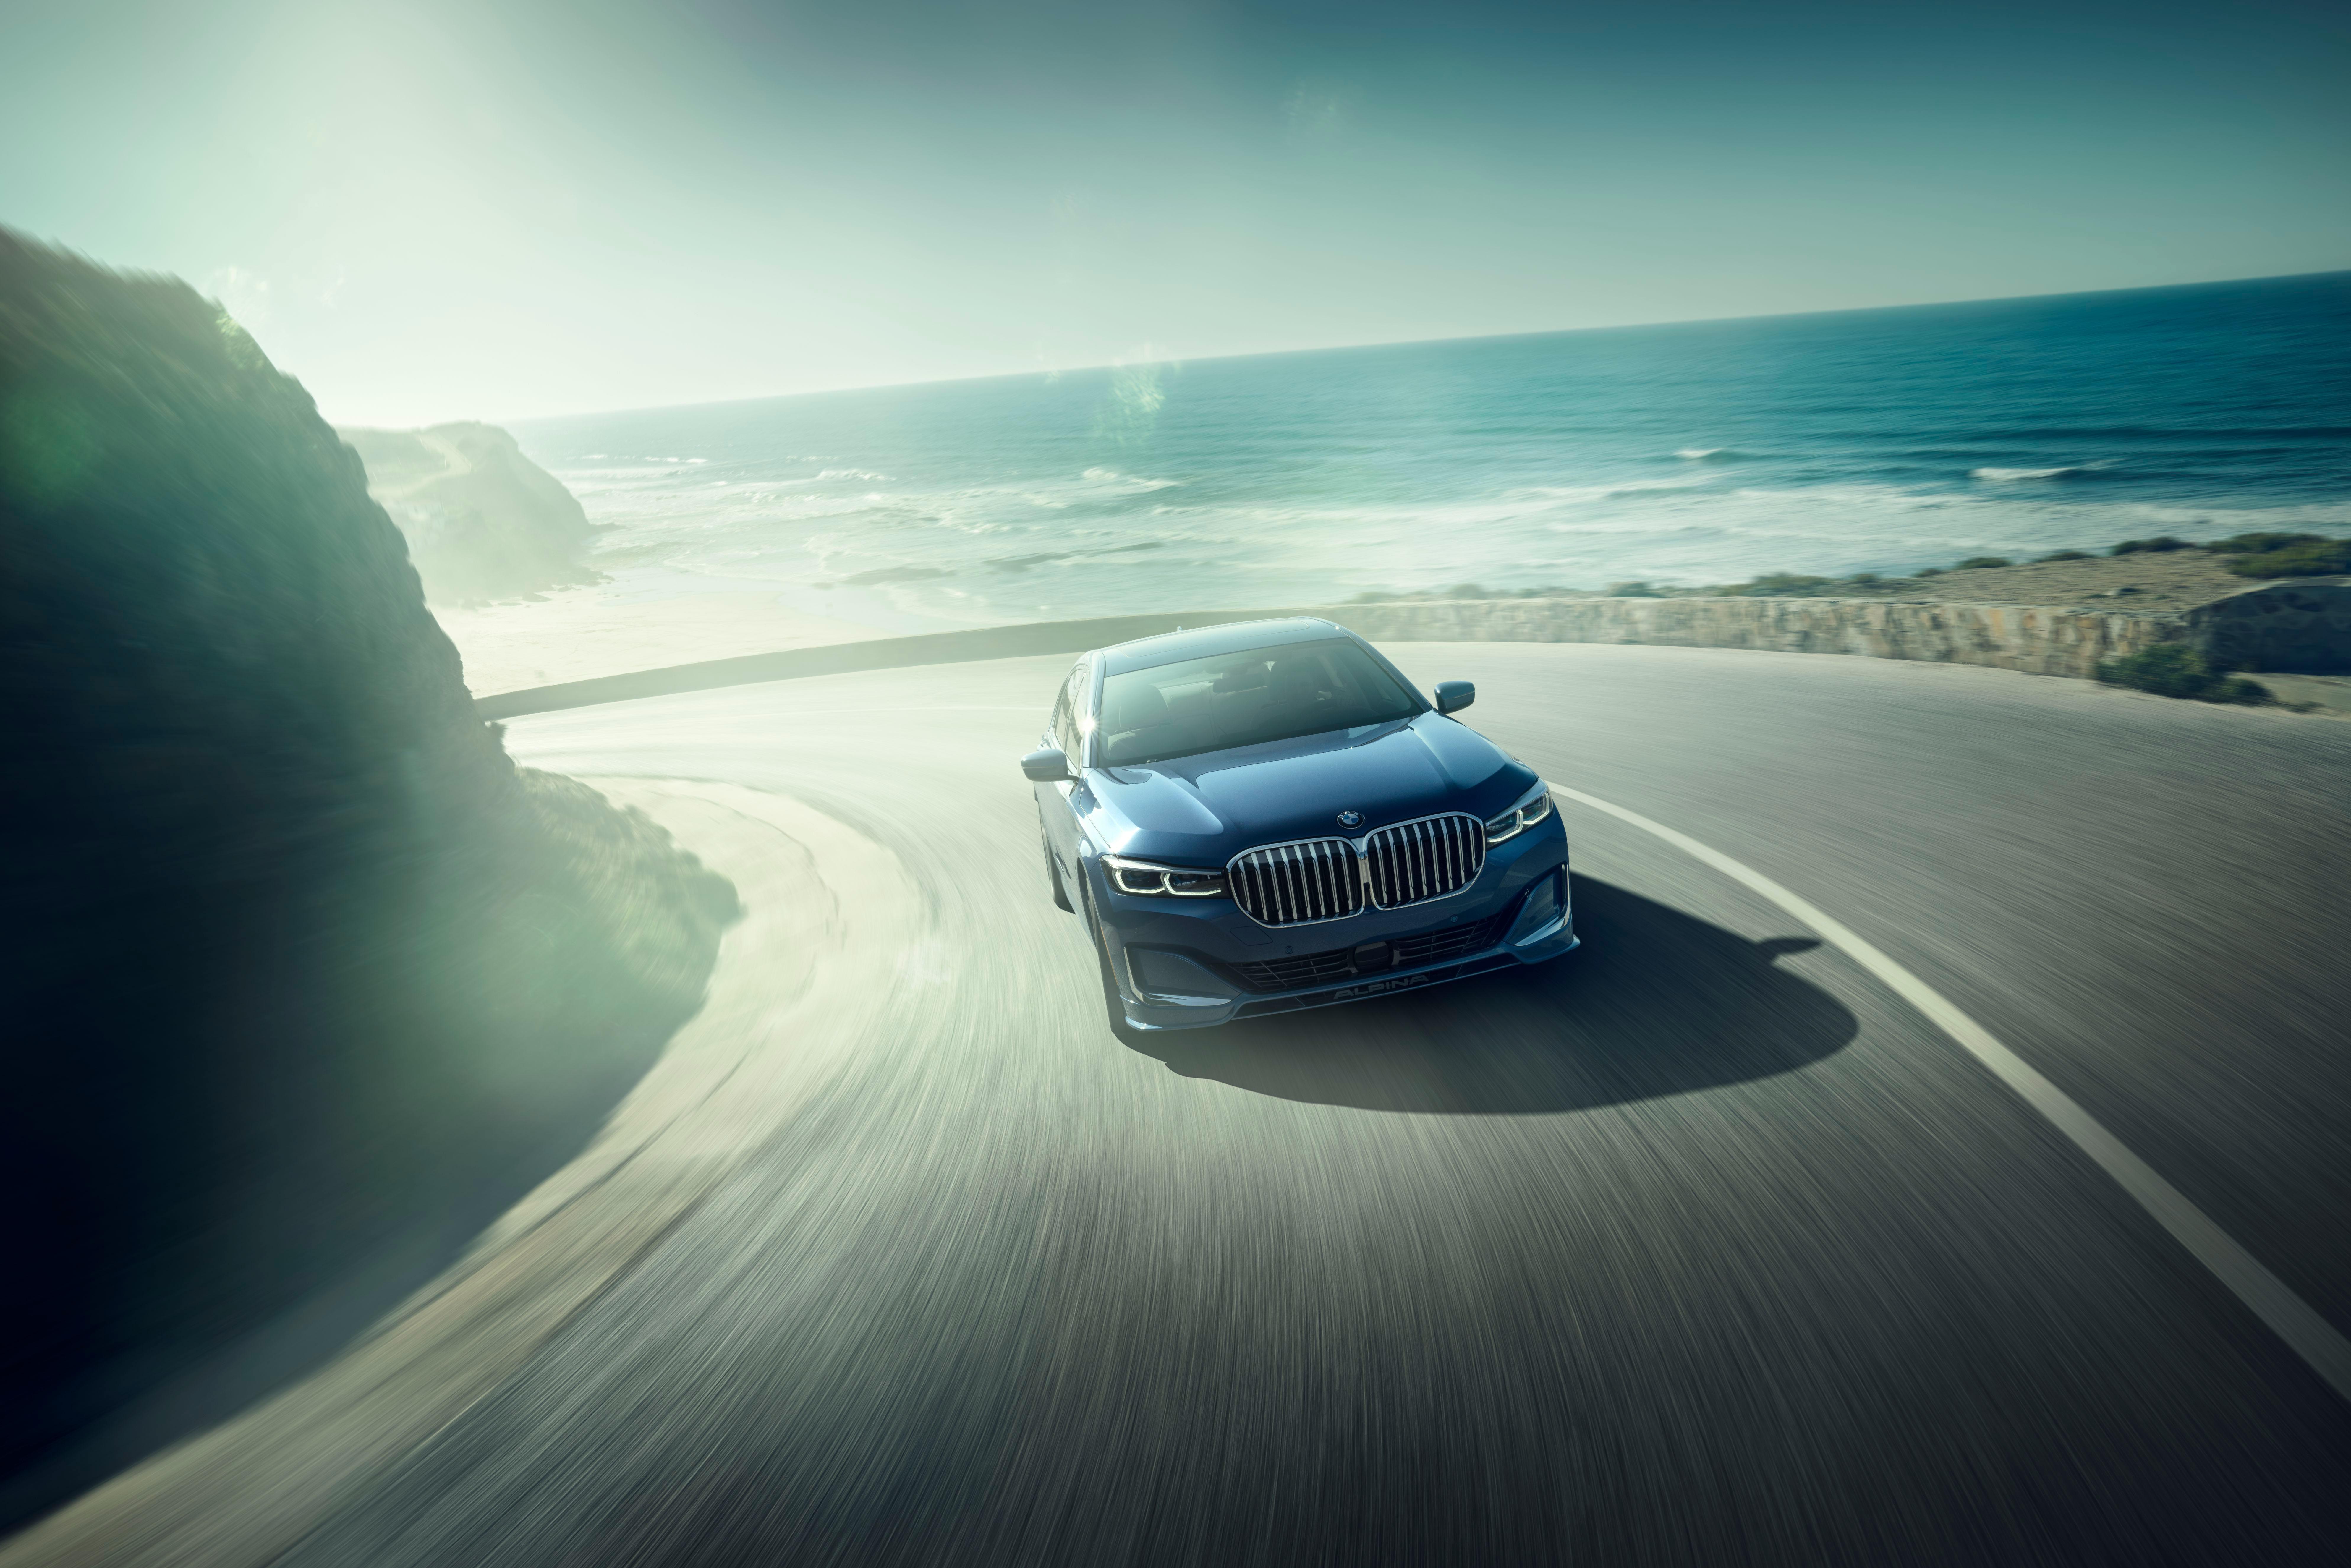 2020 BMW 7 Series Alpina B7, HD Cars, 4k Wallpapers ...